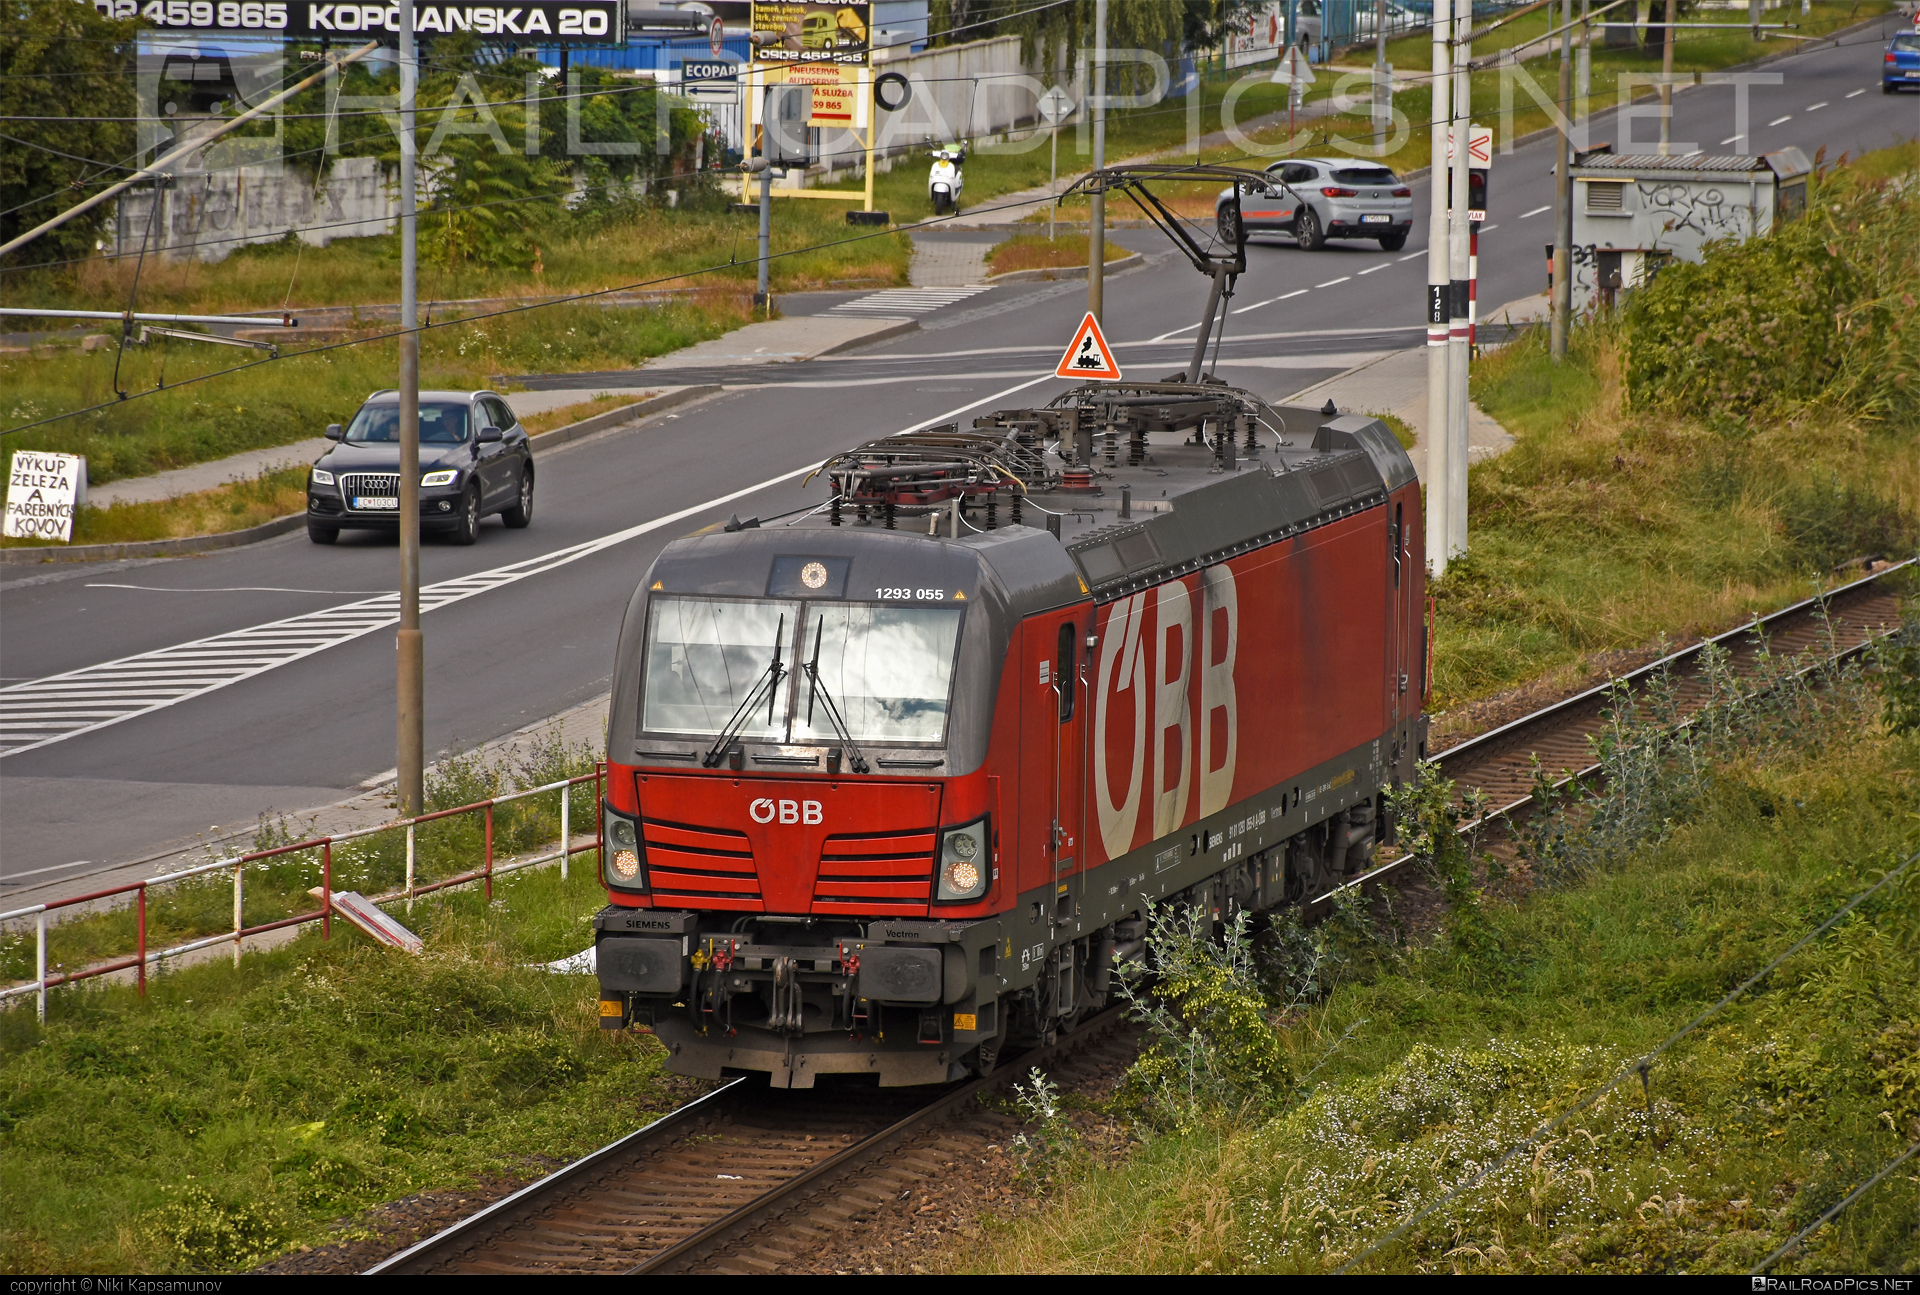 Siemens Vectron MS - 1293 055 operated by Rail Cargo Austria AG #obb #osterreichischebundesbahnen #rcw #siemens #siemensvectron #siemensvectronms #vectron #vectronms